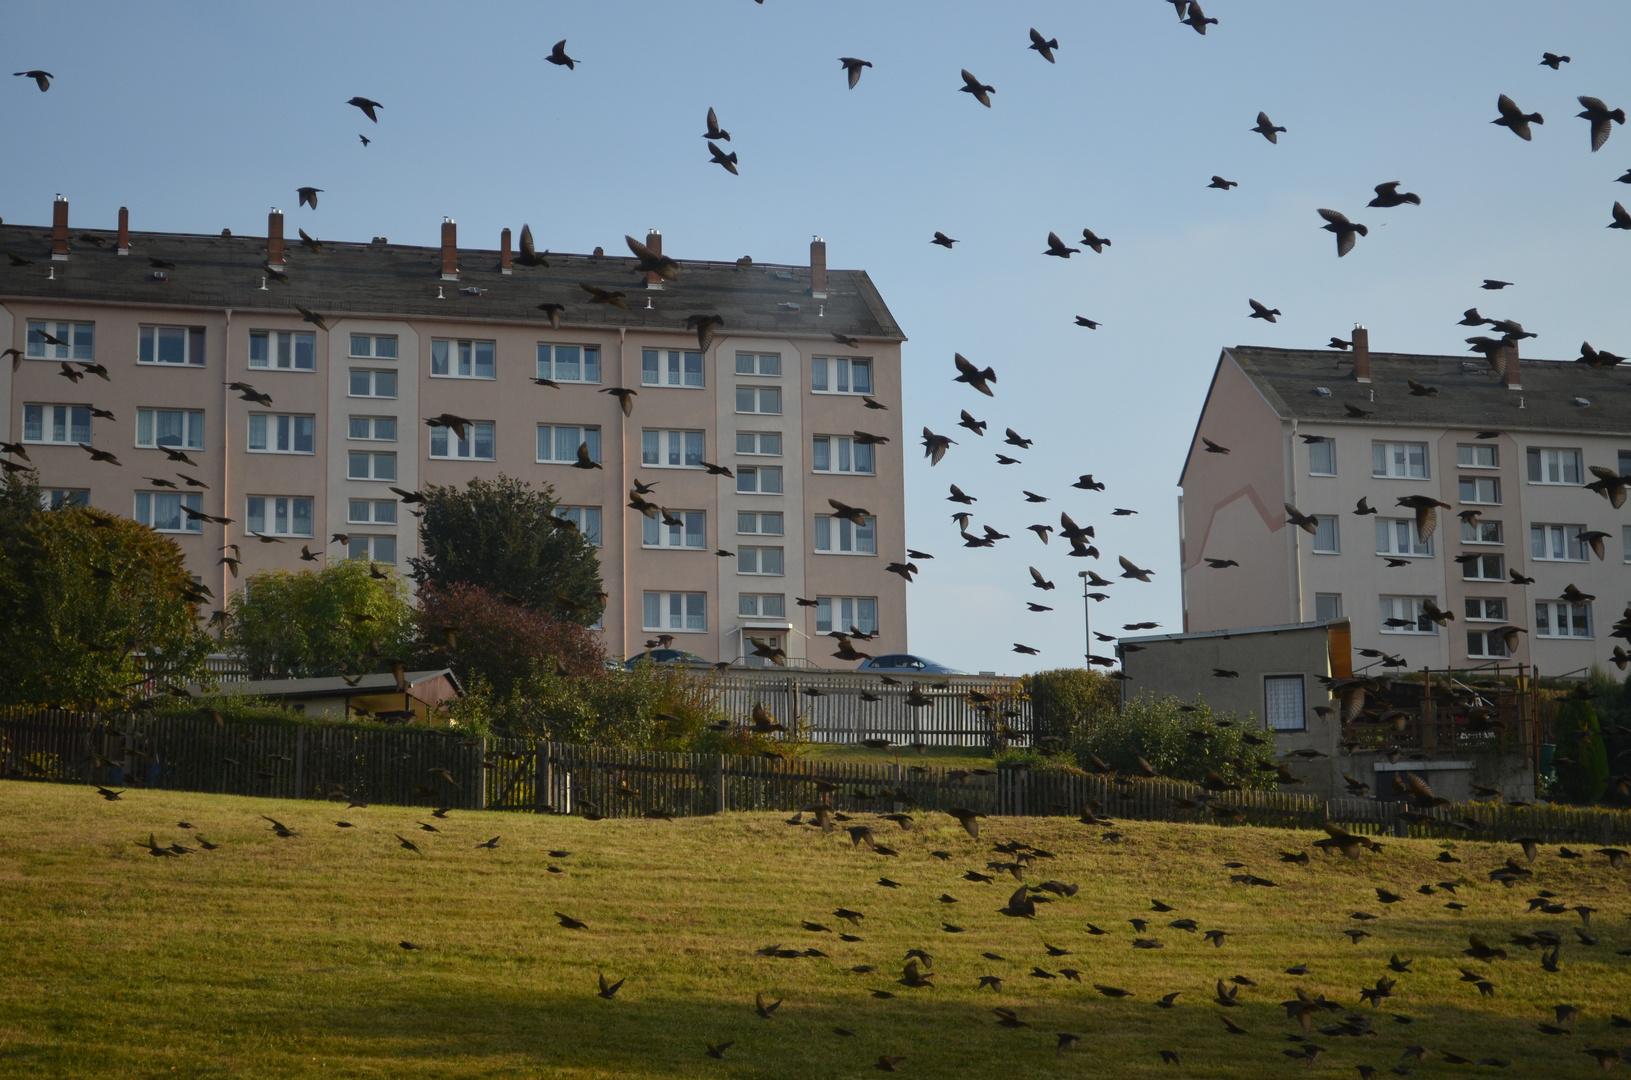 Die Vögel :)